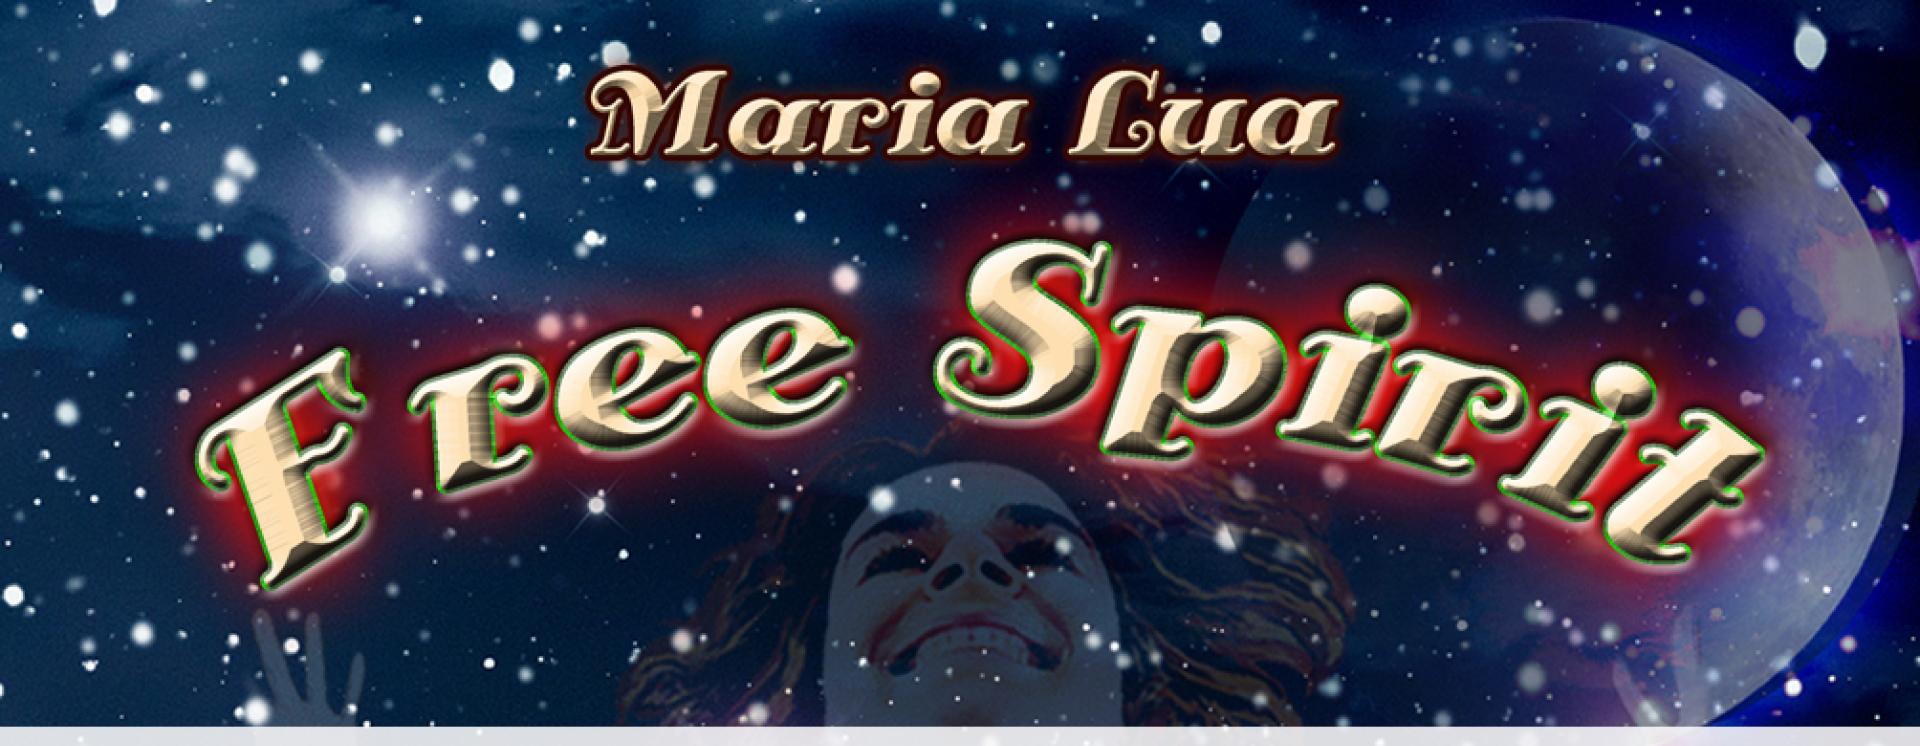 1429011267 free spirit download card copy